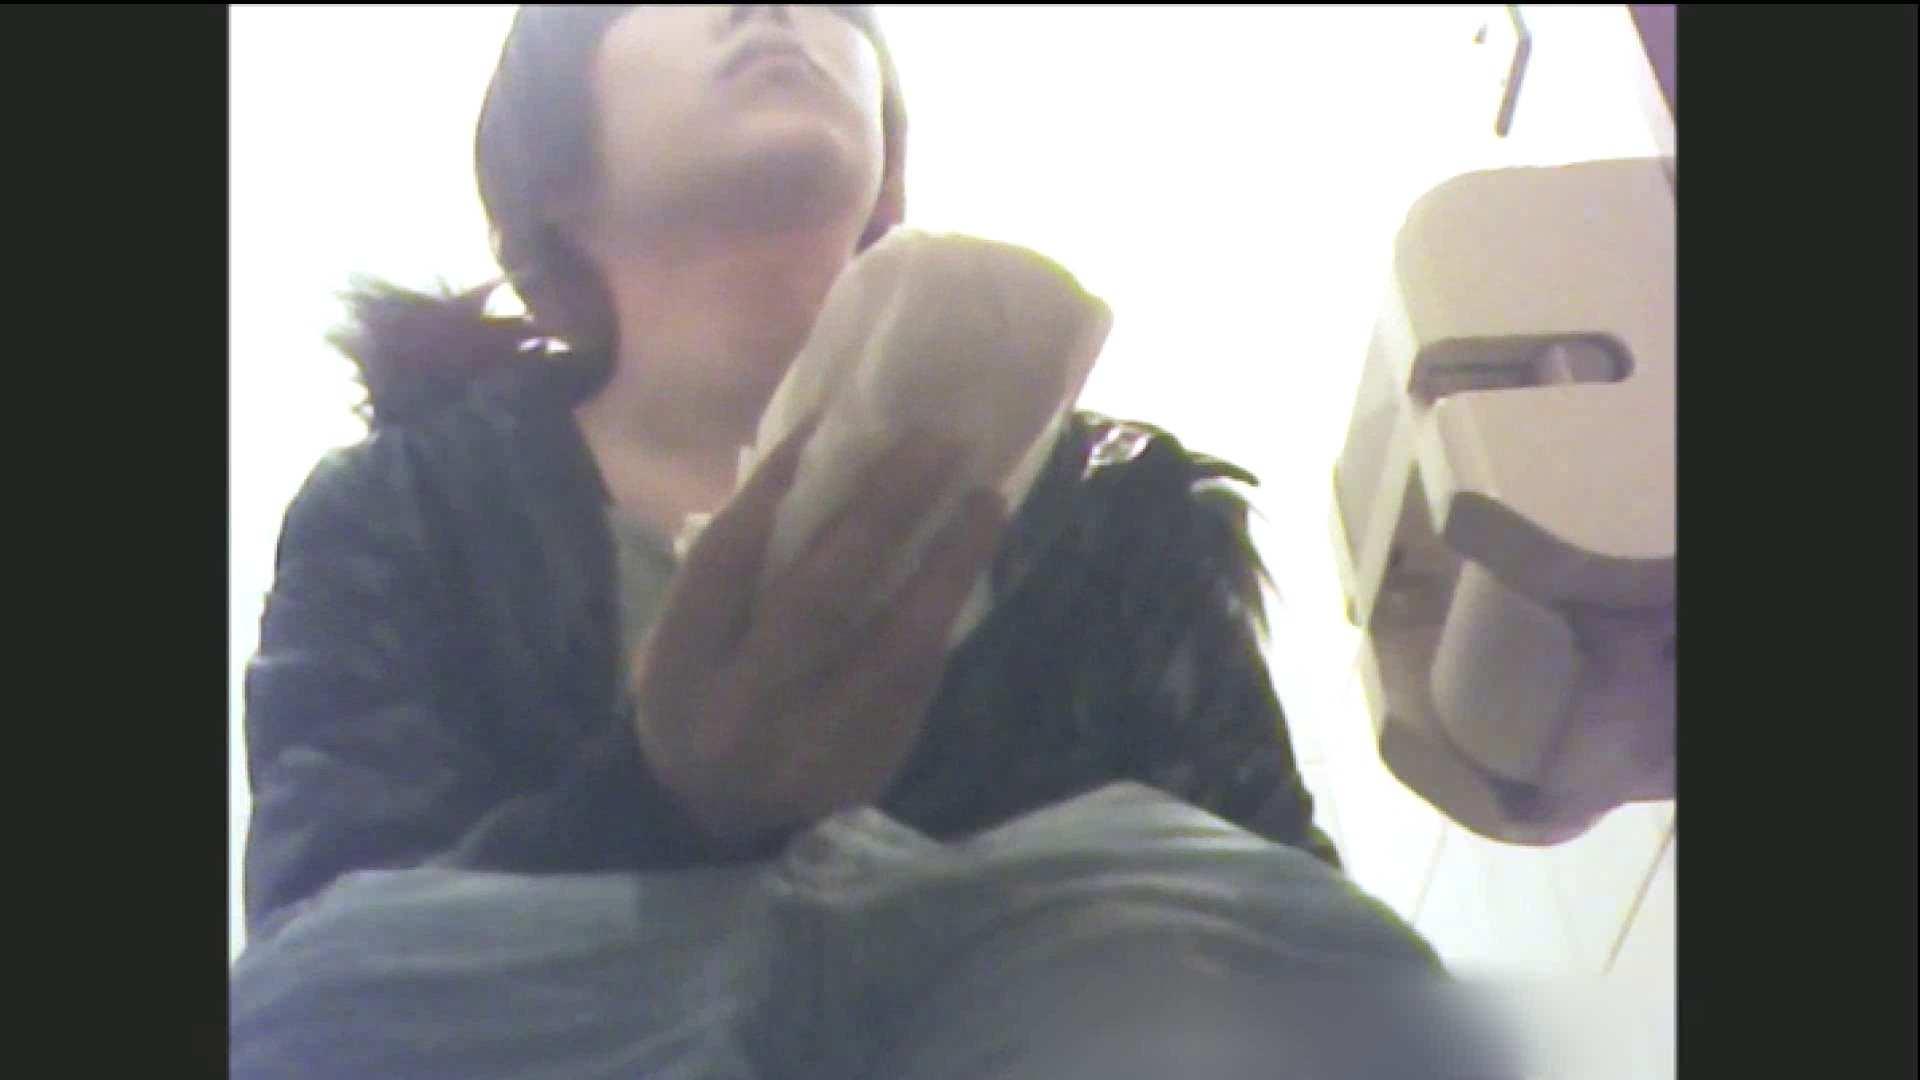 実録!!綺麗なお姉さんのトイレ事情・・・。vol.11 エロティックなOL スケベ動画紹介 95画像 50